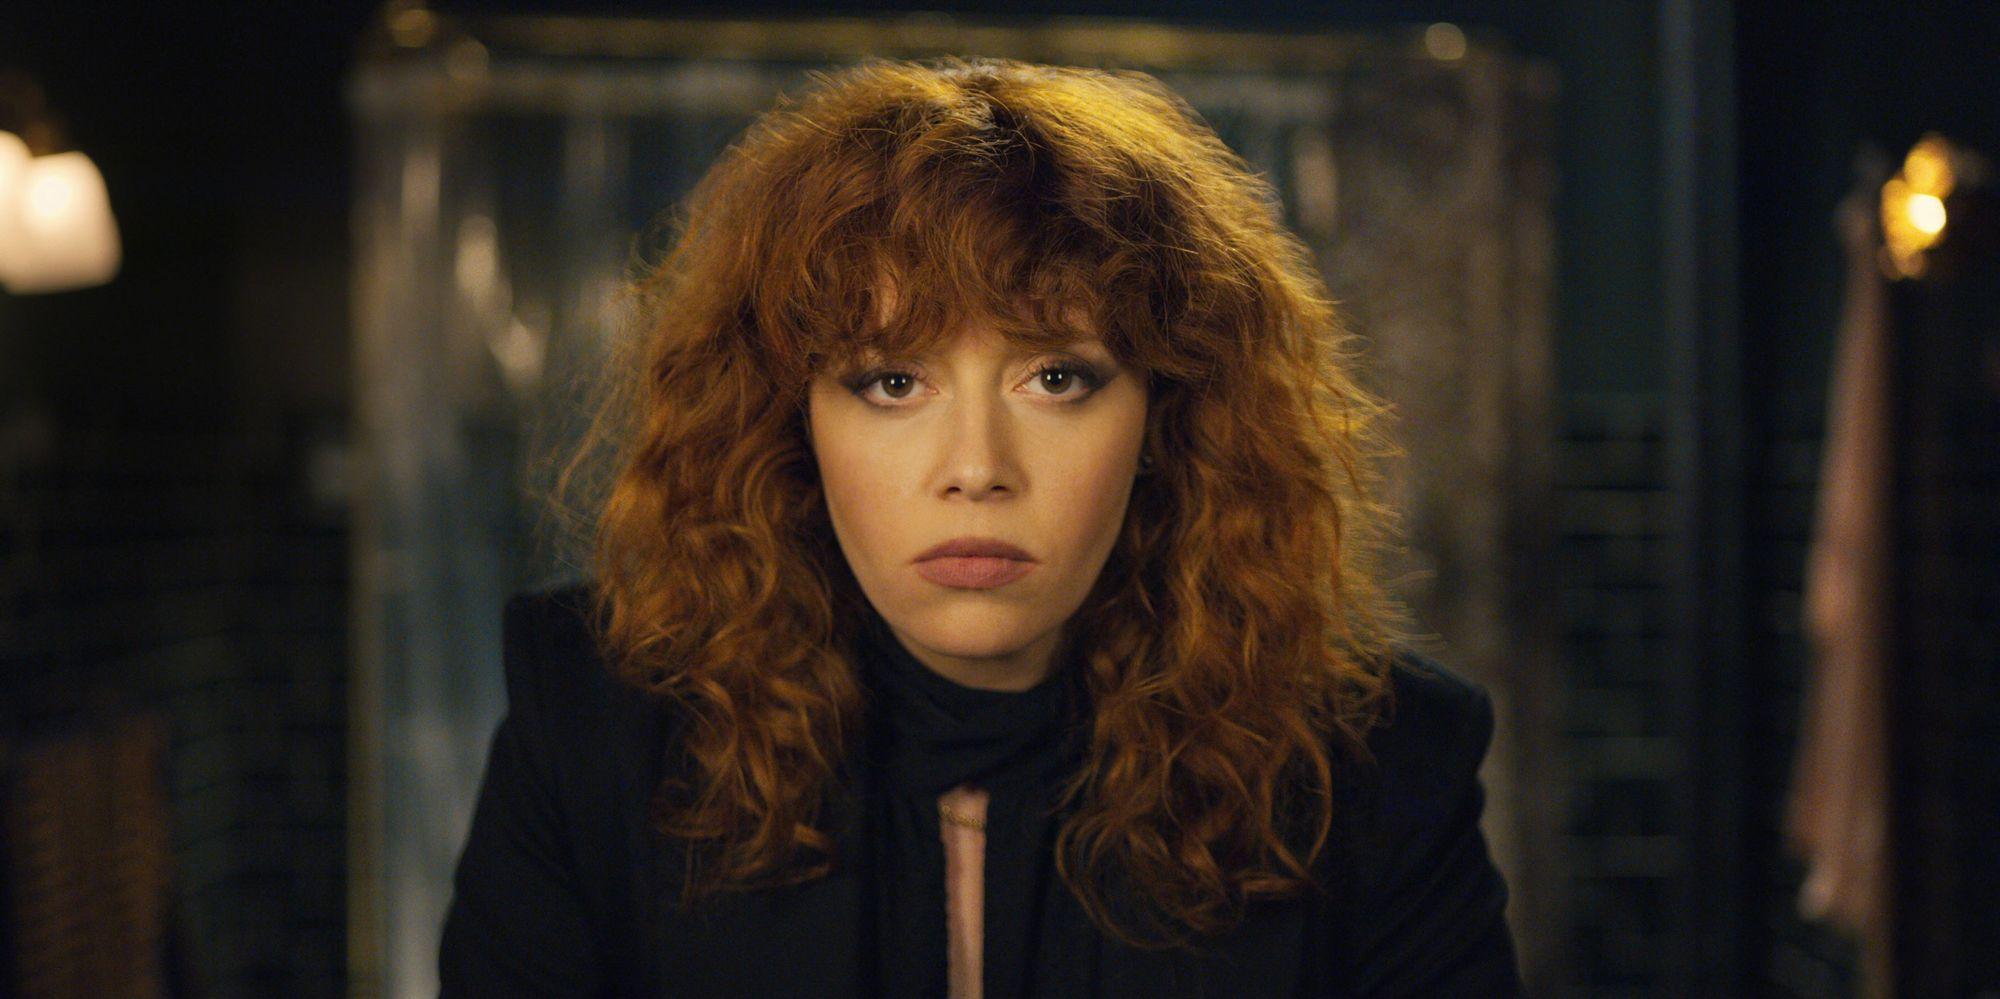 When is Russian Doll Season 2 Renewed on Netflix? Release Date, Cast, Plot & More